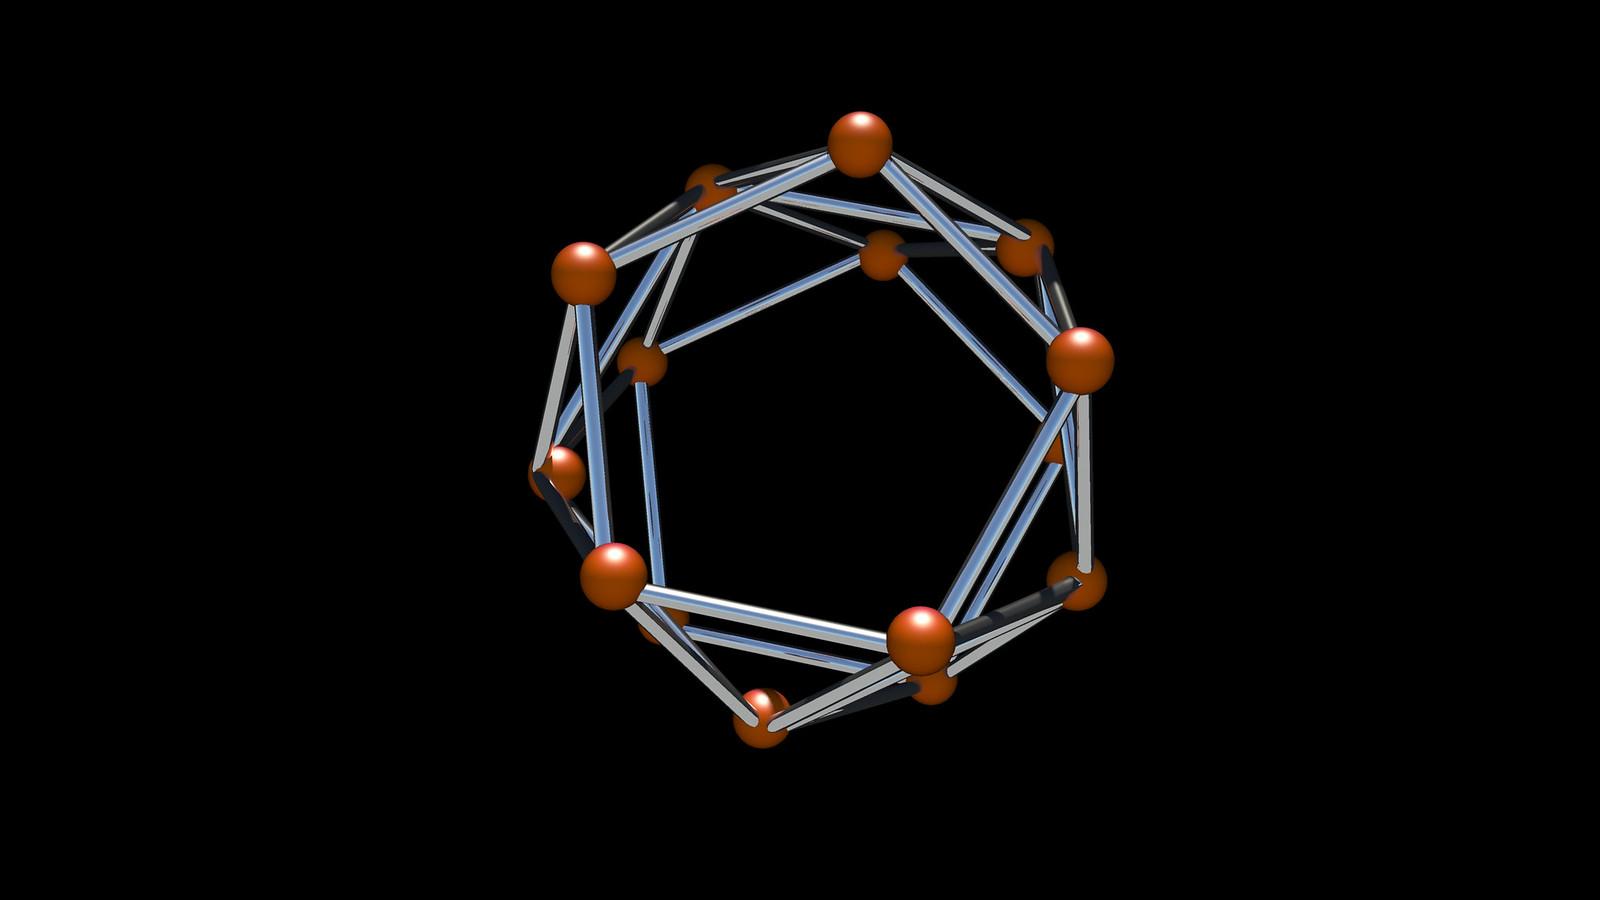 pentagono_drum_98